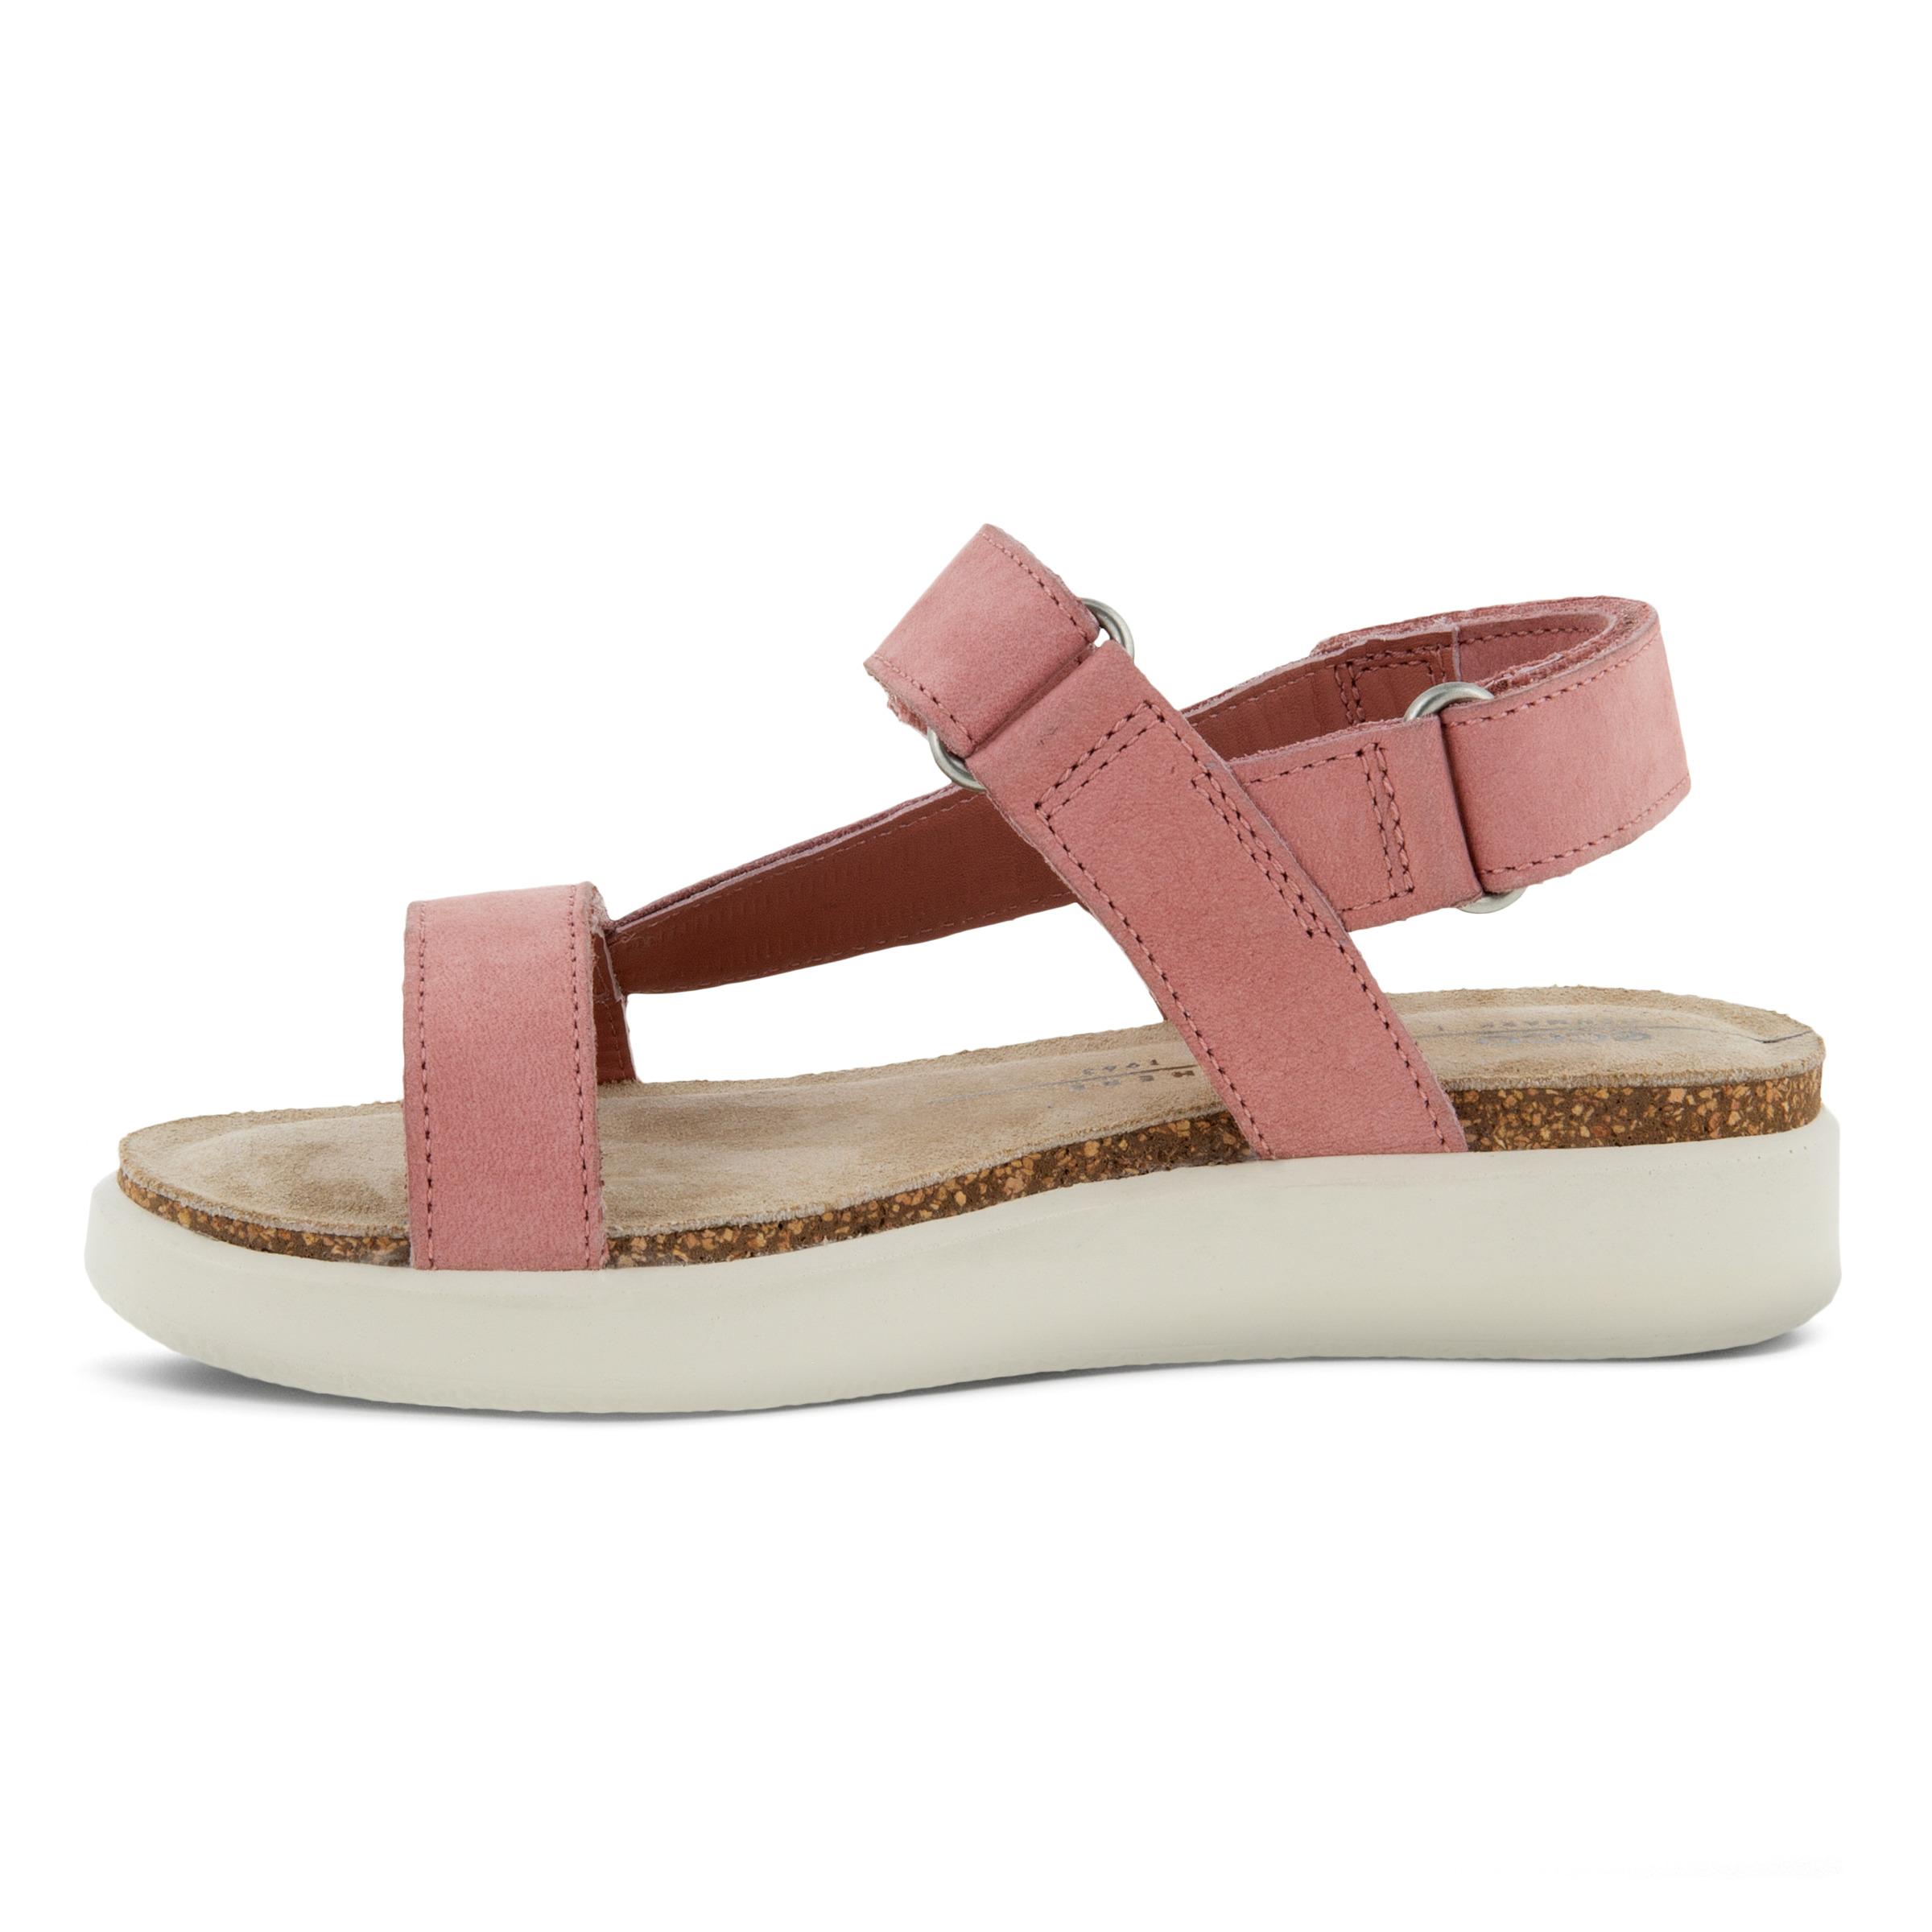 Ecco Flowt sandal, damask rose, 35